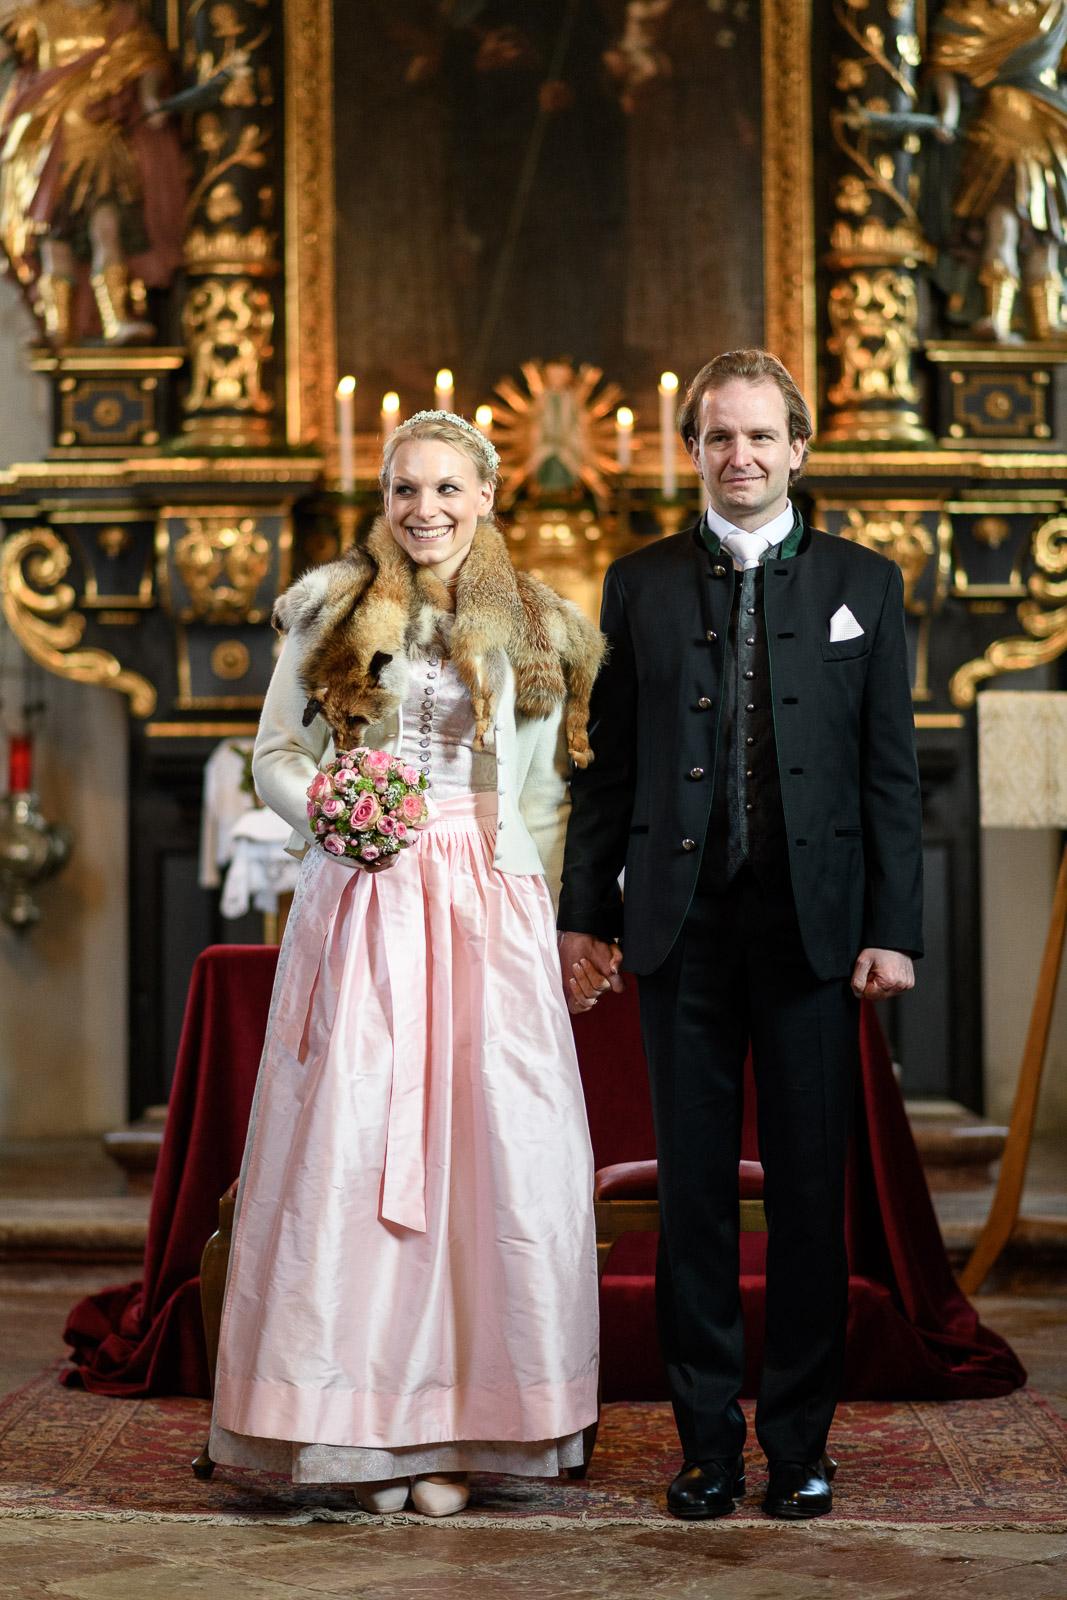 Hochzeit am Schliersee, St. Leonhard, Kirche, Brautpaar